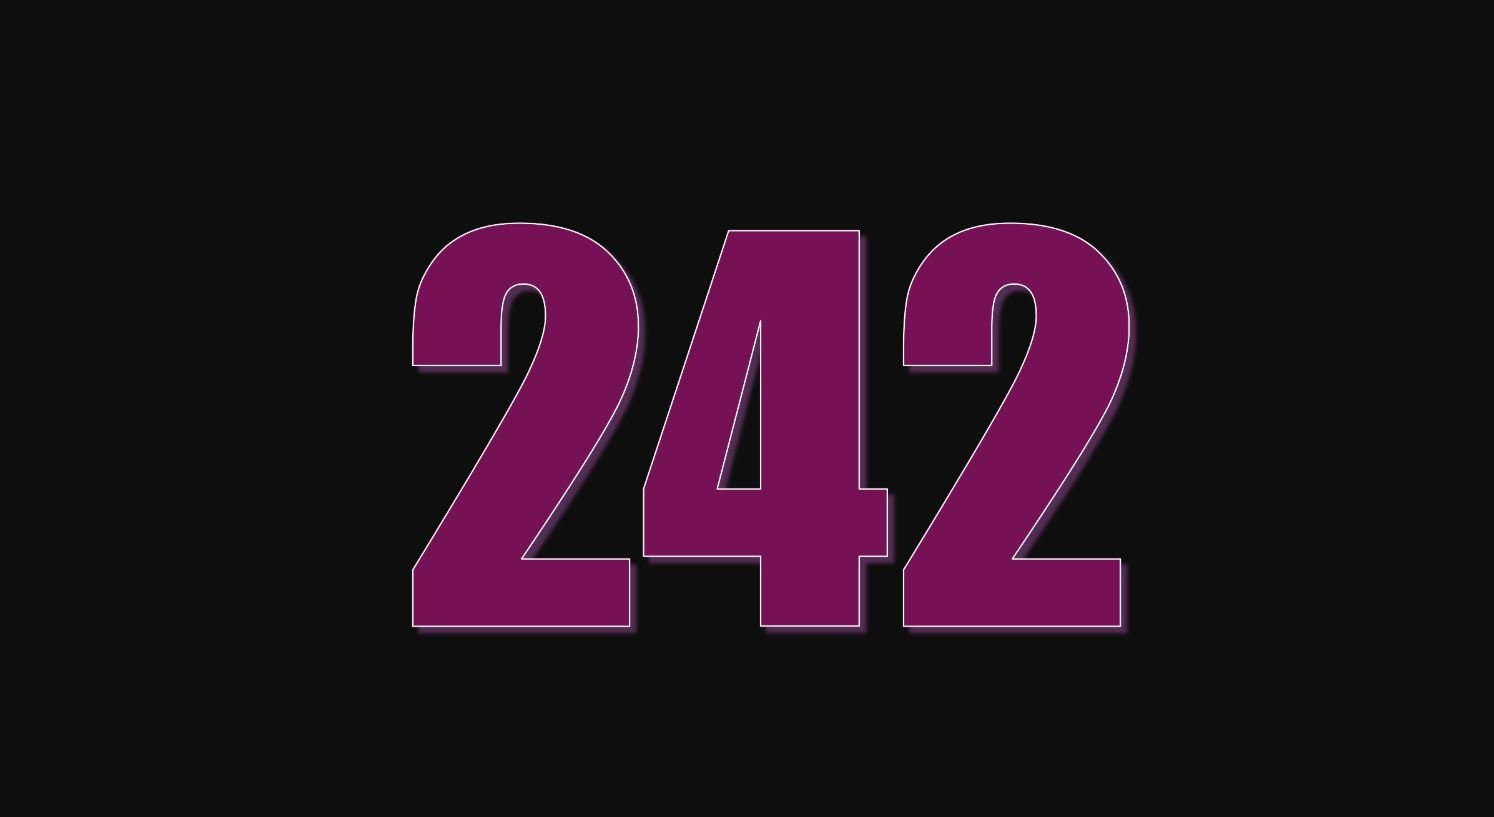 Il significato del numero 242